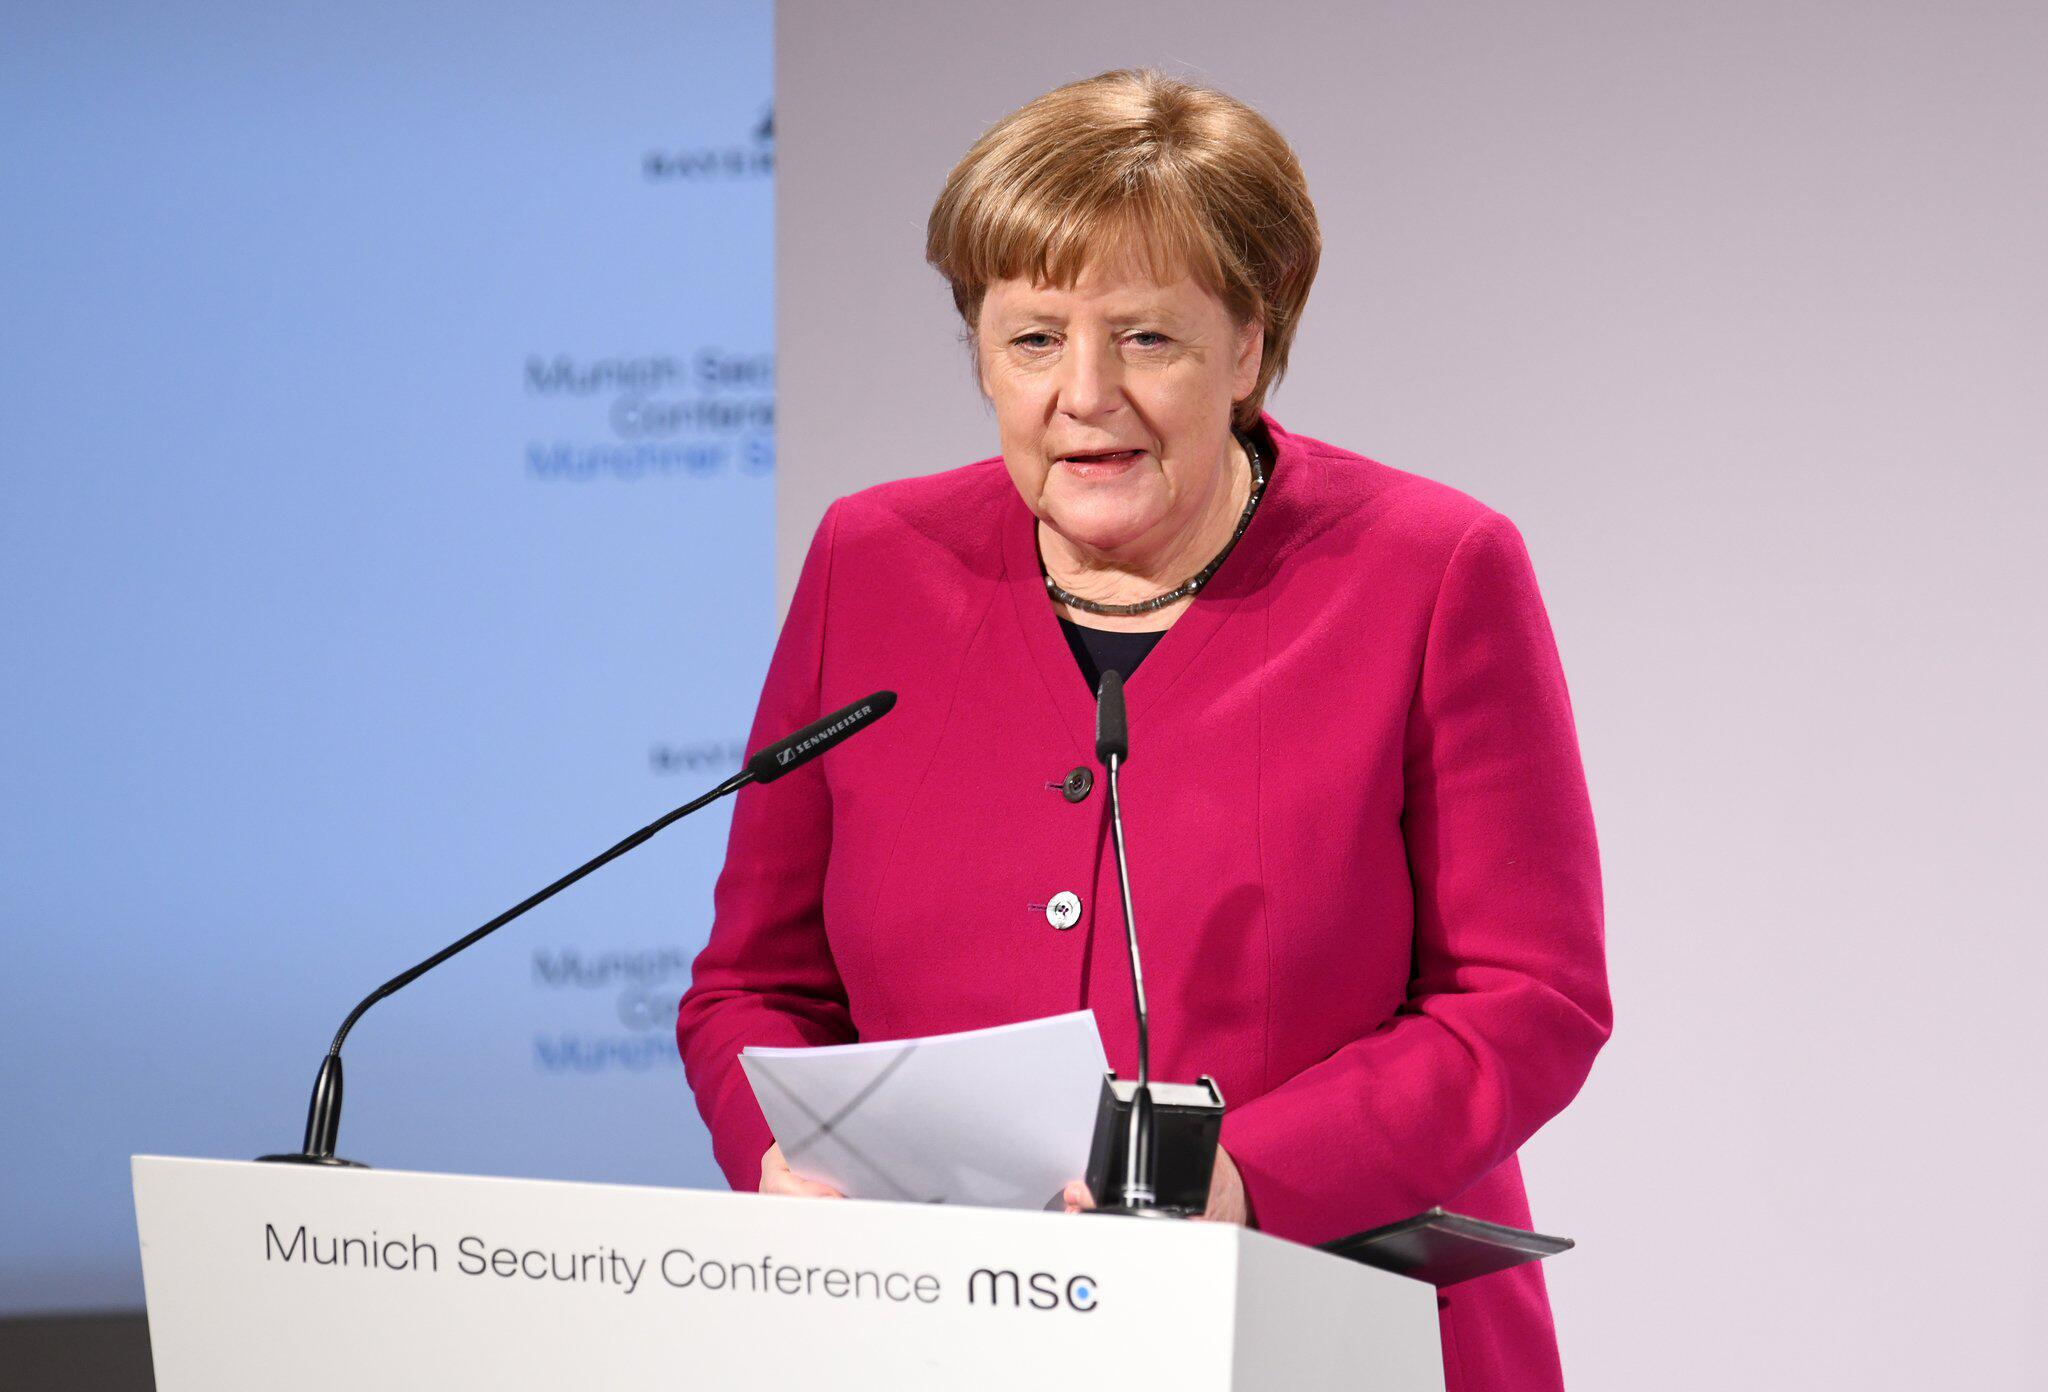 Bild zu 55. Munich Security Conference, München, Angela Merkel, Rede, Bundeskanzlerin